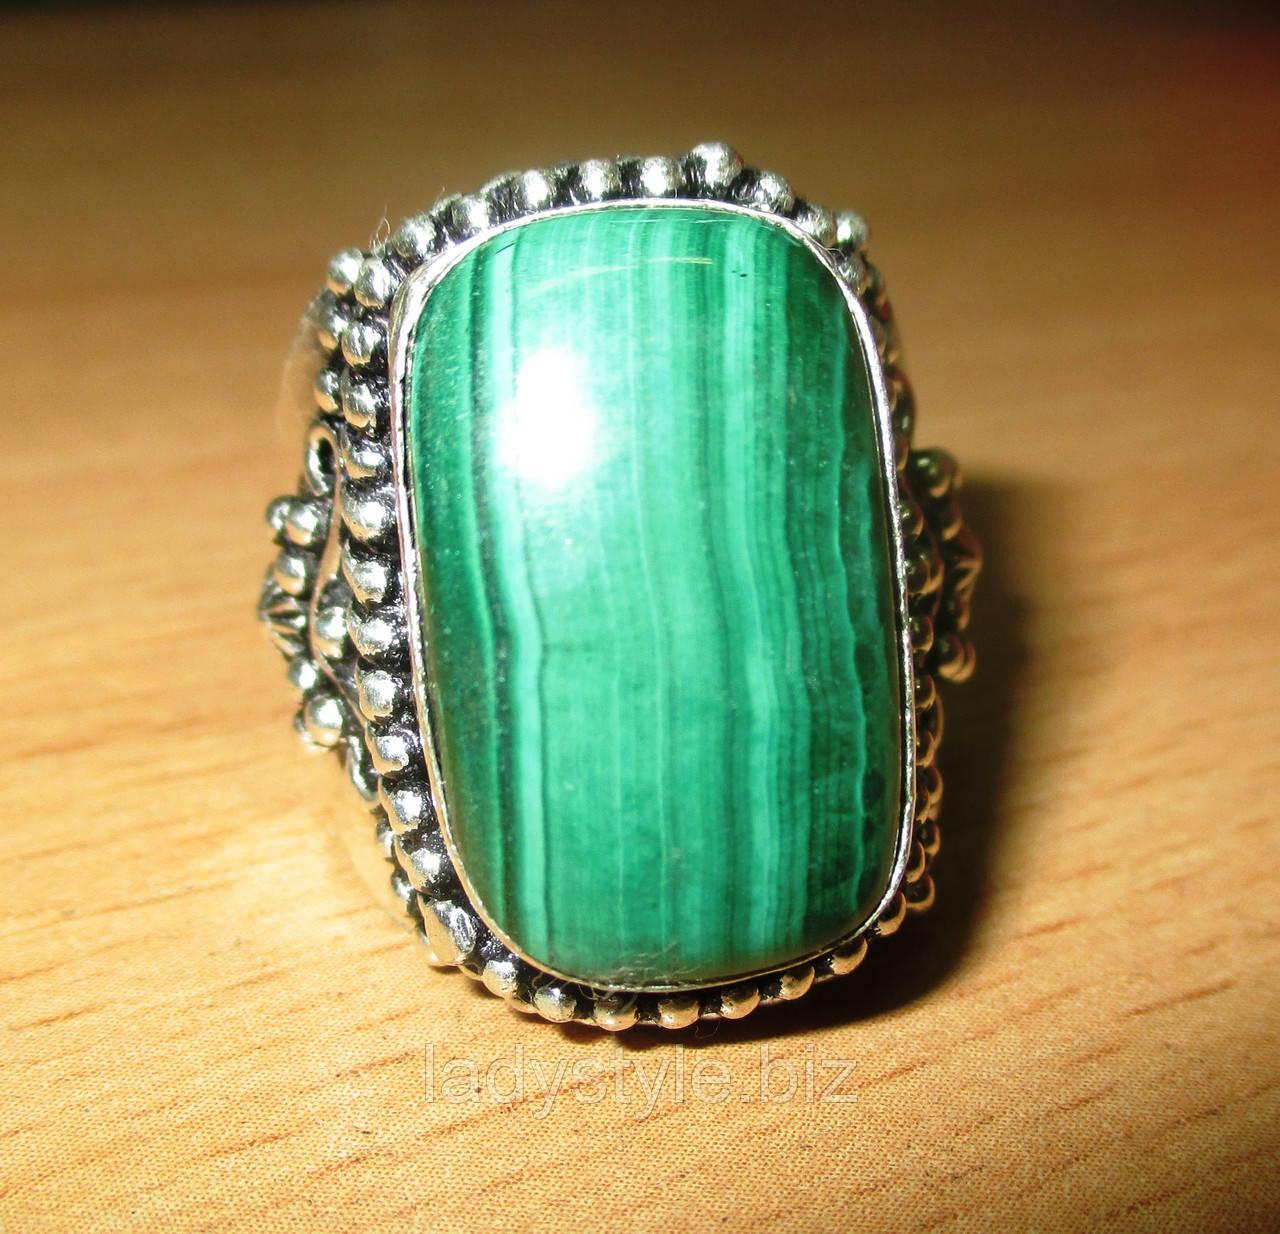 """Восточное кольцо """"Шахерезада"""" с натуральным малахитом, размер 19,2 от студии LadyStyle.Biz"""